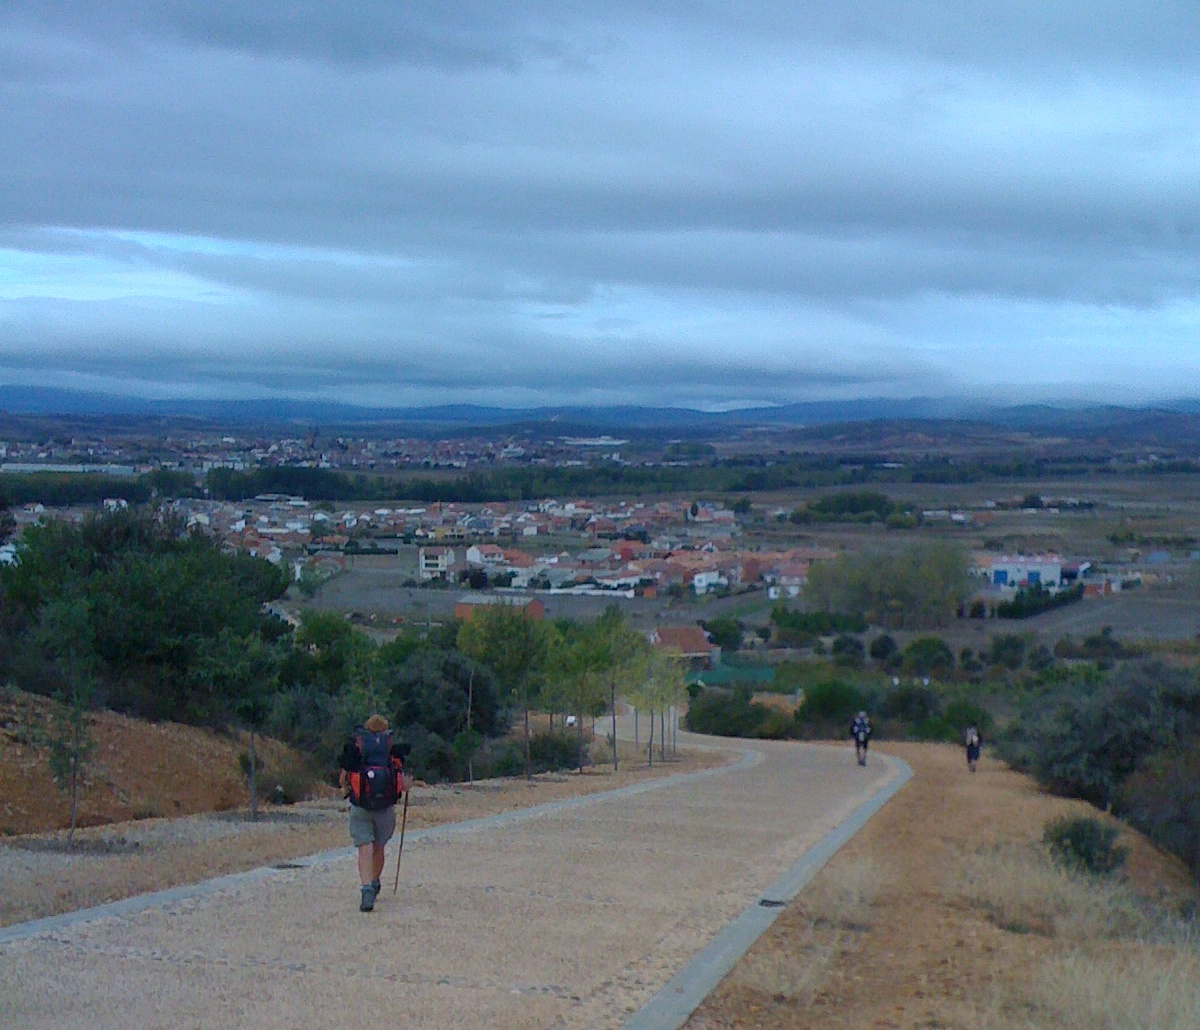 auf dem Weg nach Astorga